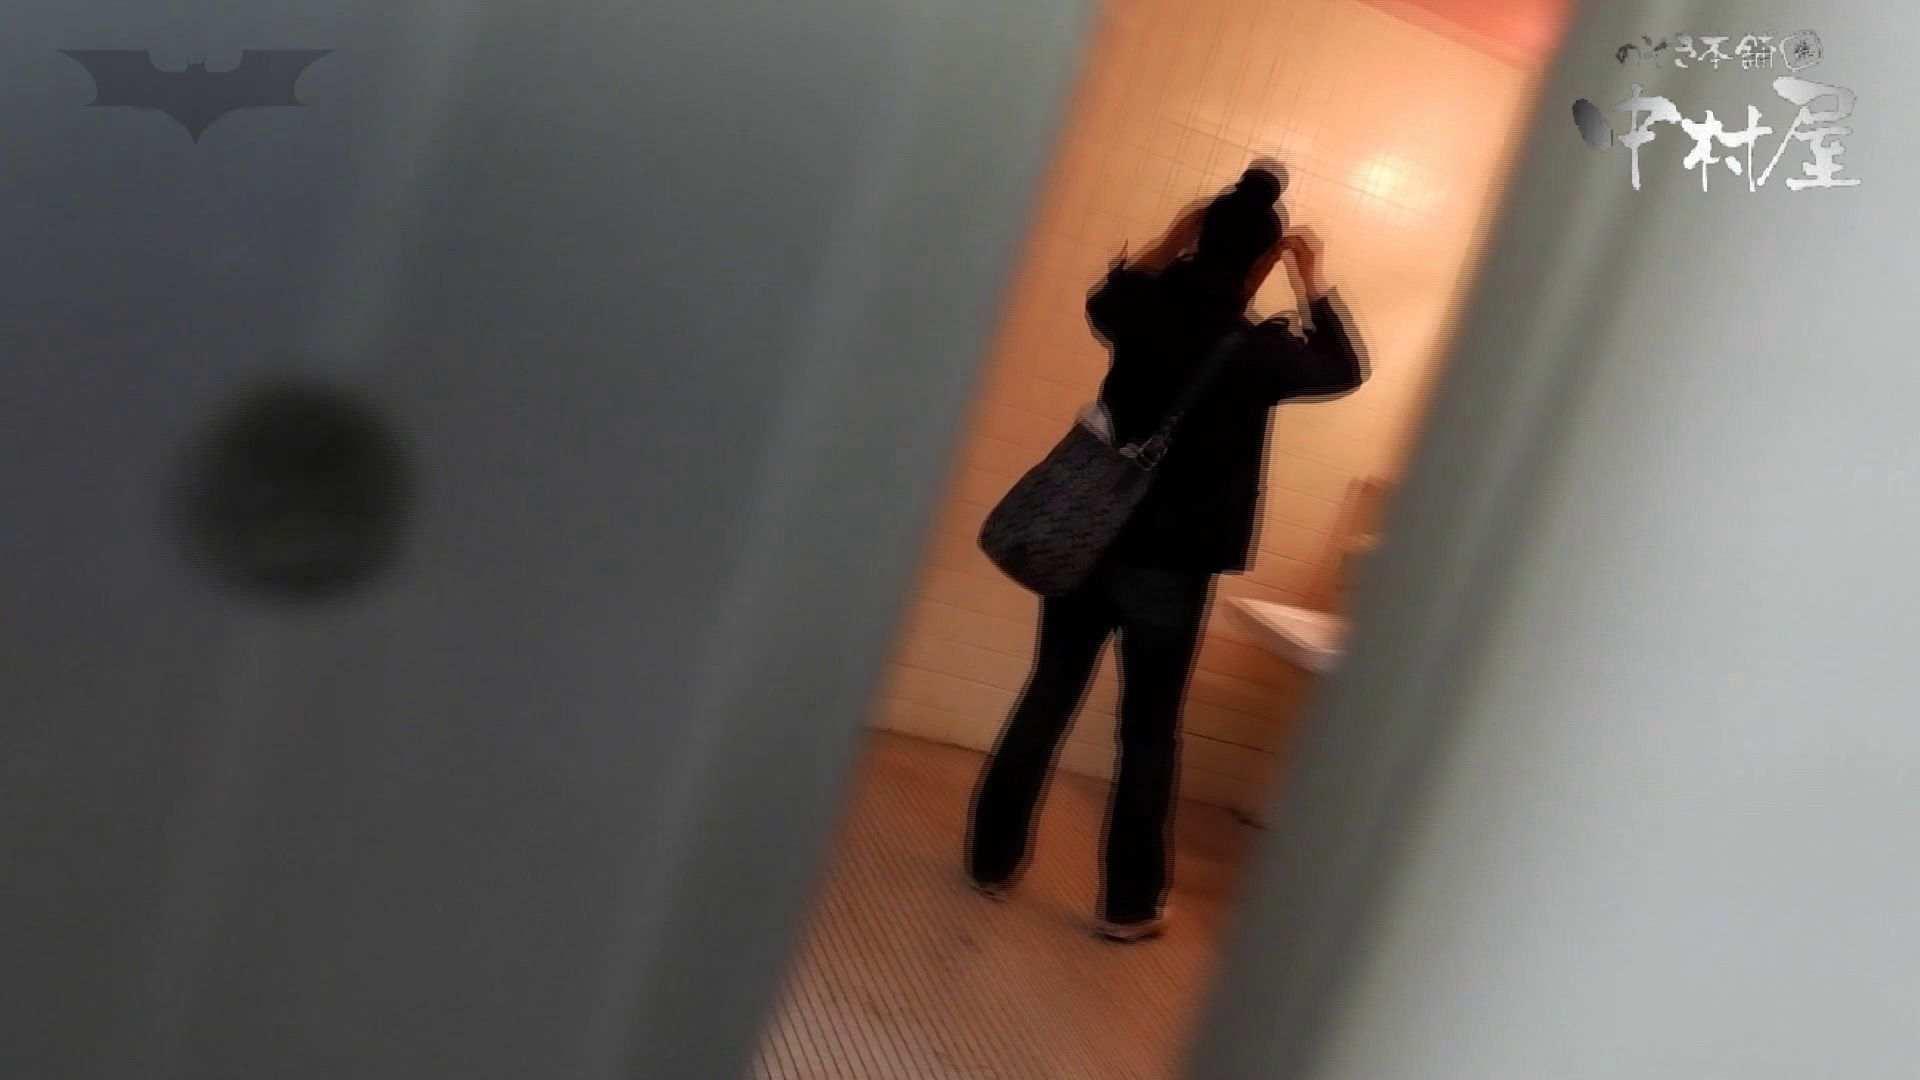 第三体育館潜入撮】第三体育館潜入撮File028 熟女特集!! 盗撮  96PICs 64